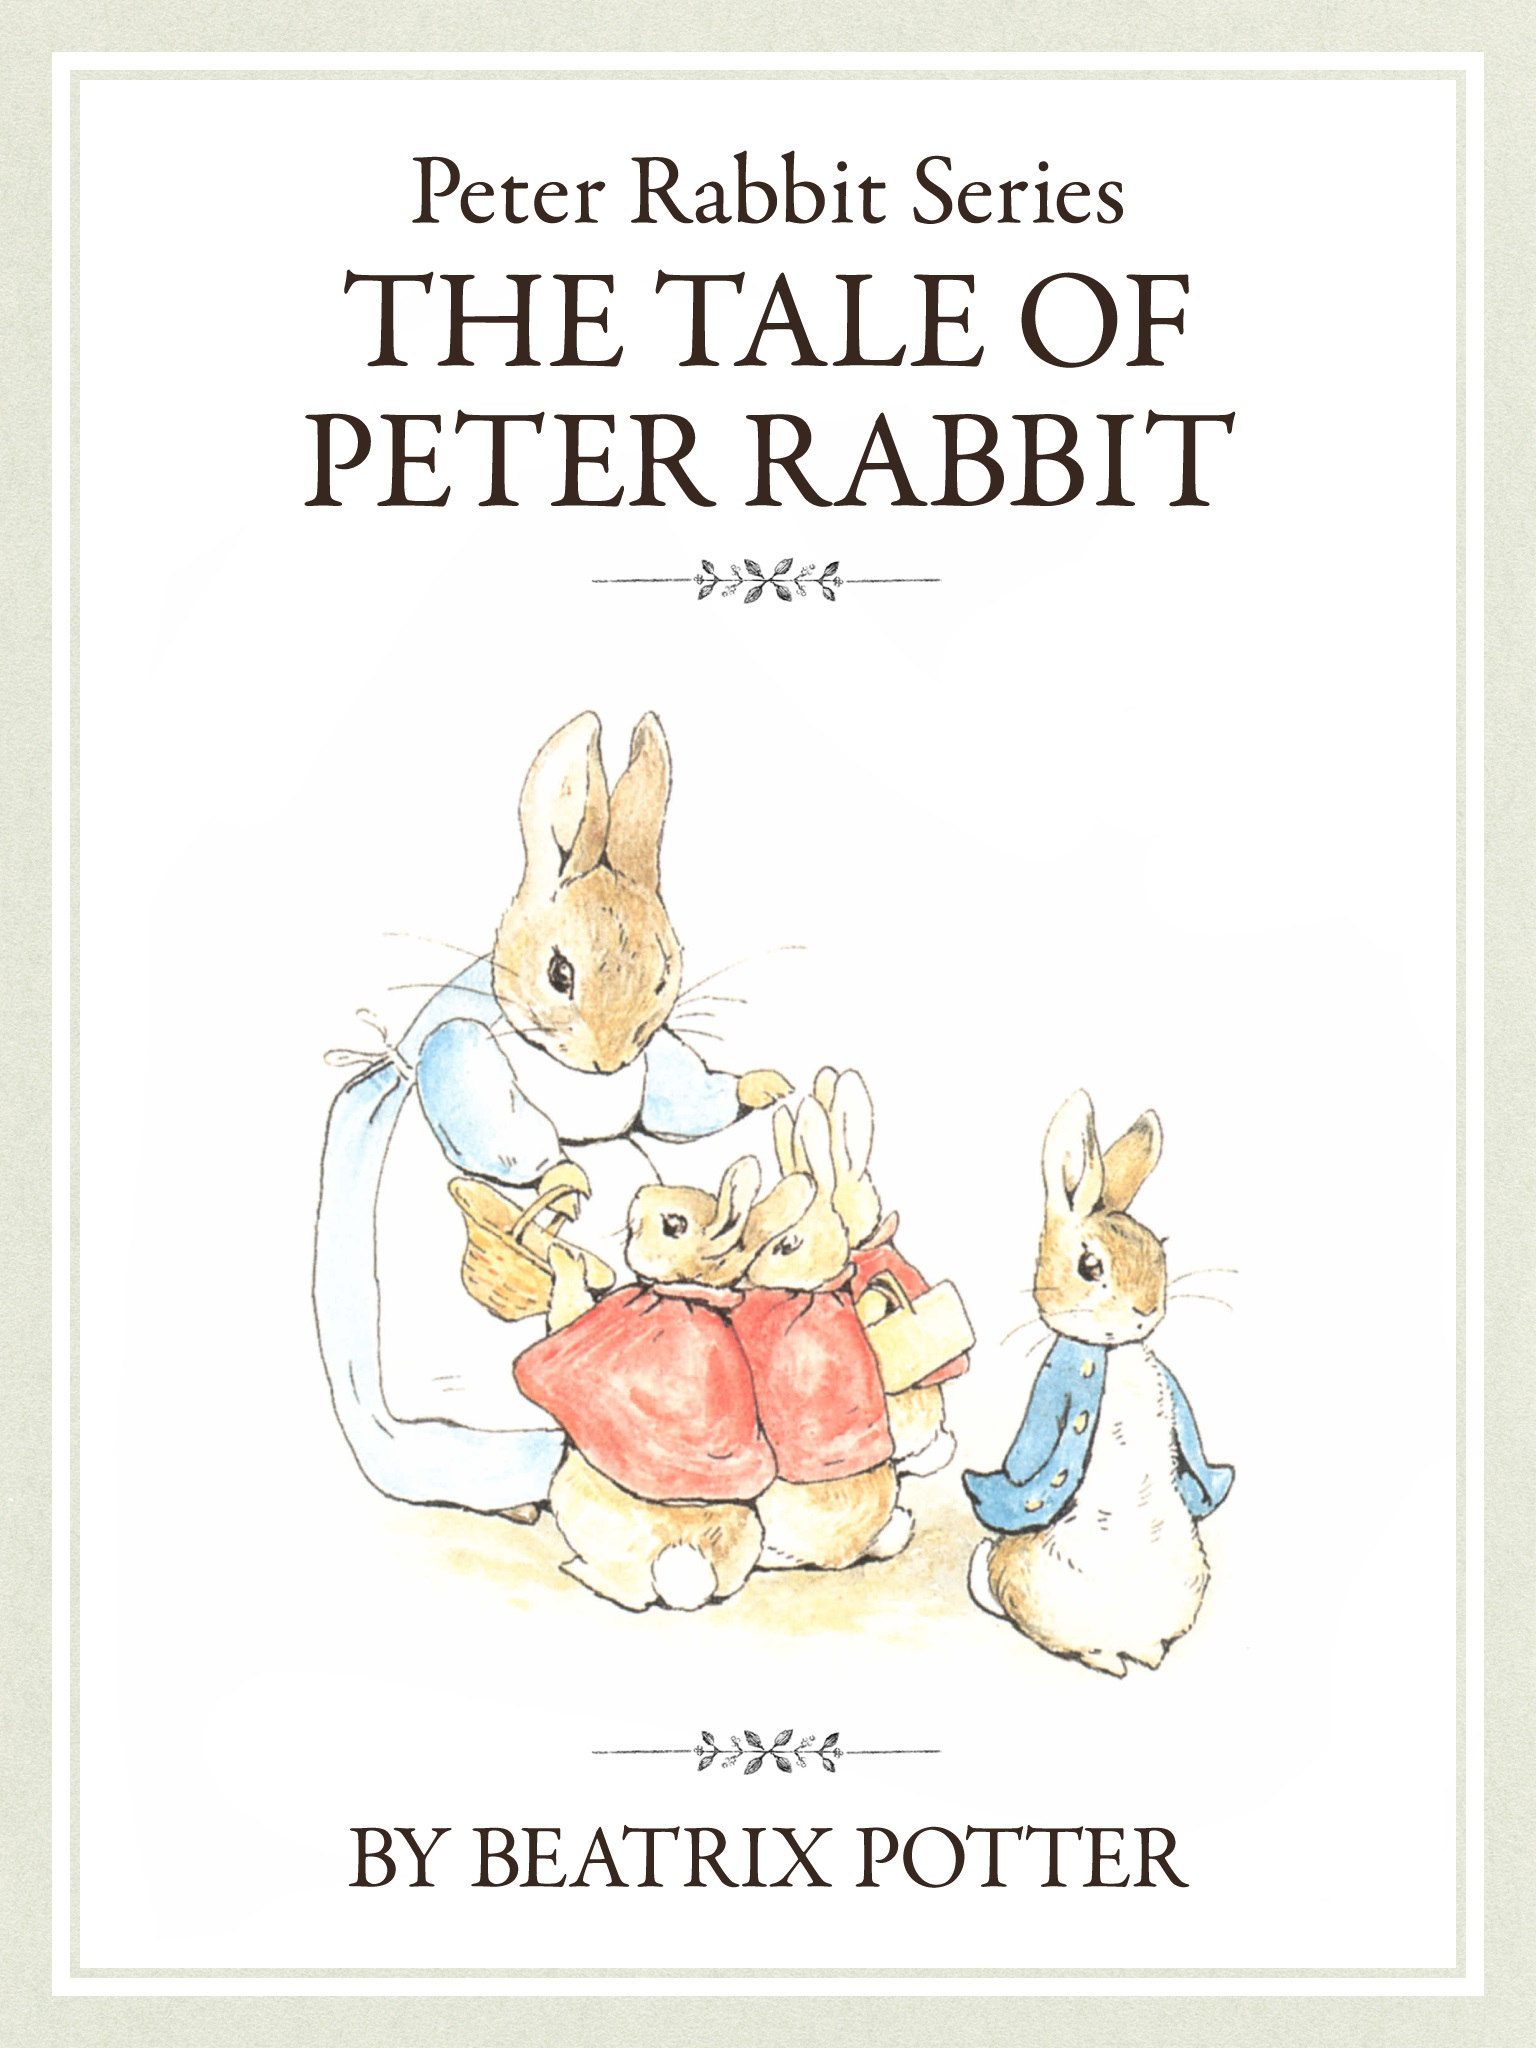 ザ ピーターラビットシリーズ1 THE TALE OF PETER RABBIT